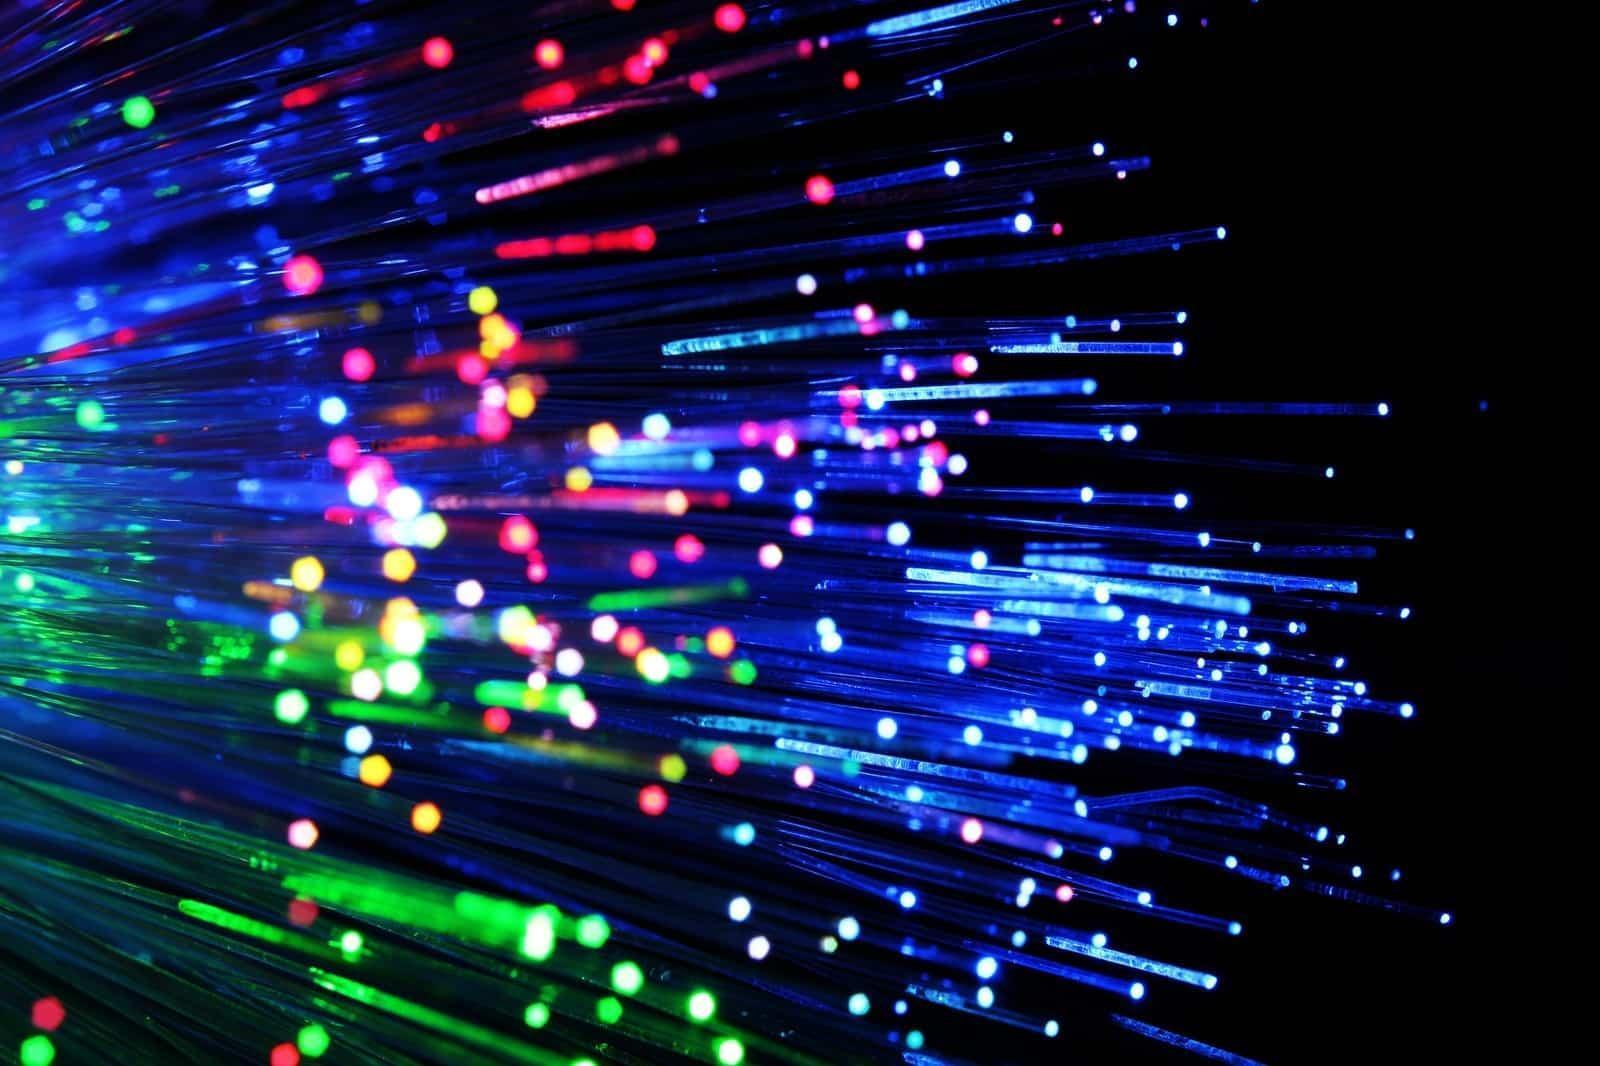 نوری - اطلاعاتی درباره نرخ آتش کابل های فیبر نوری